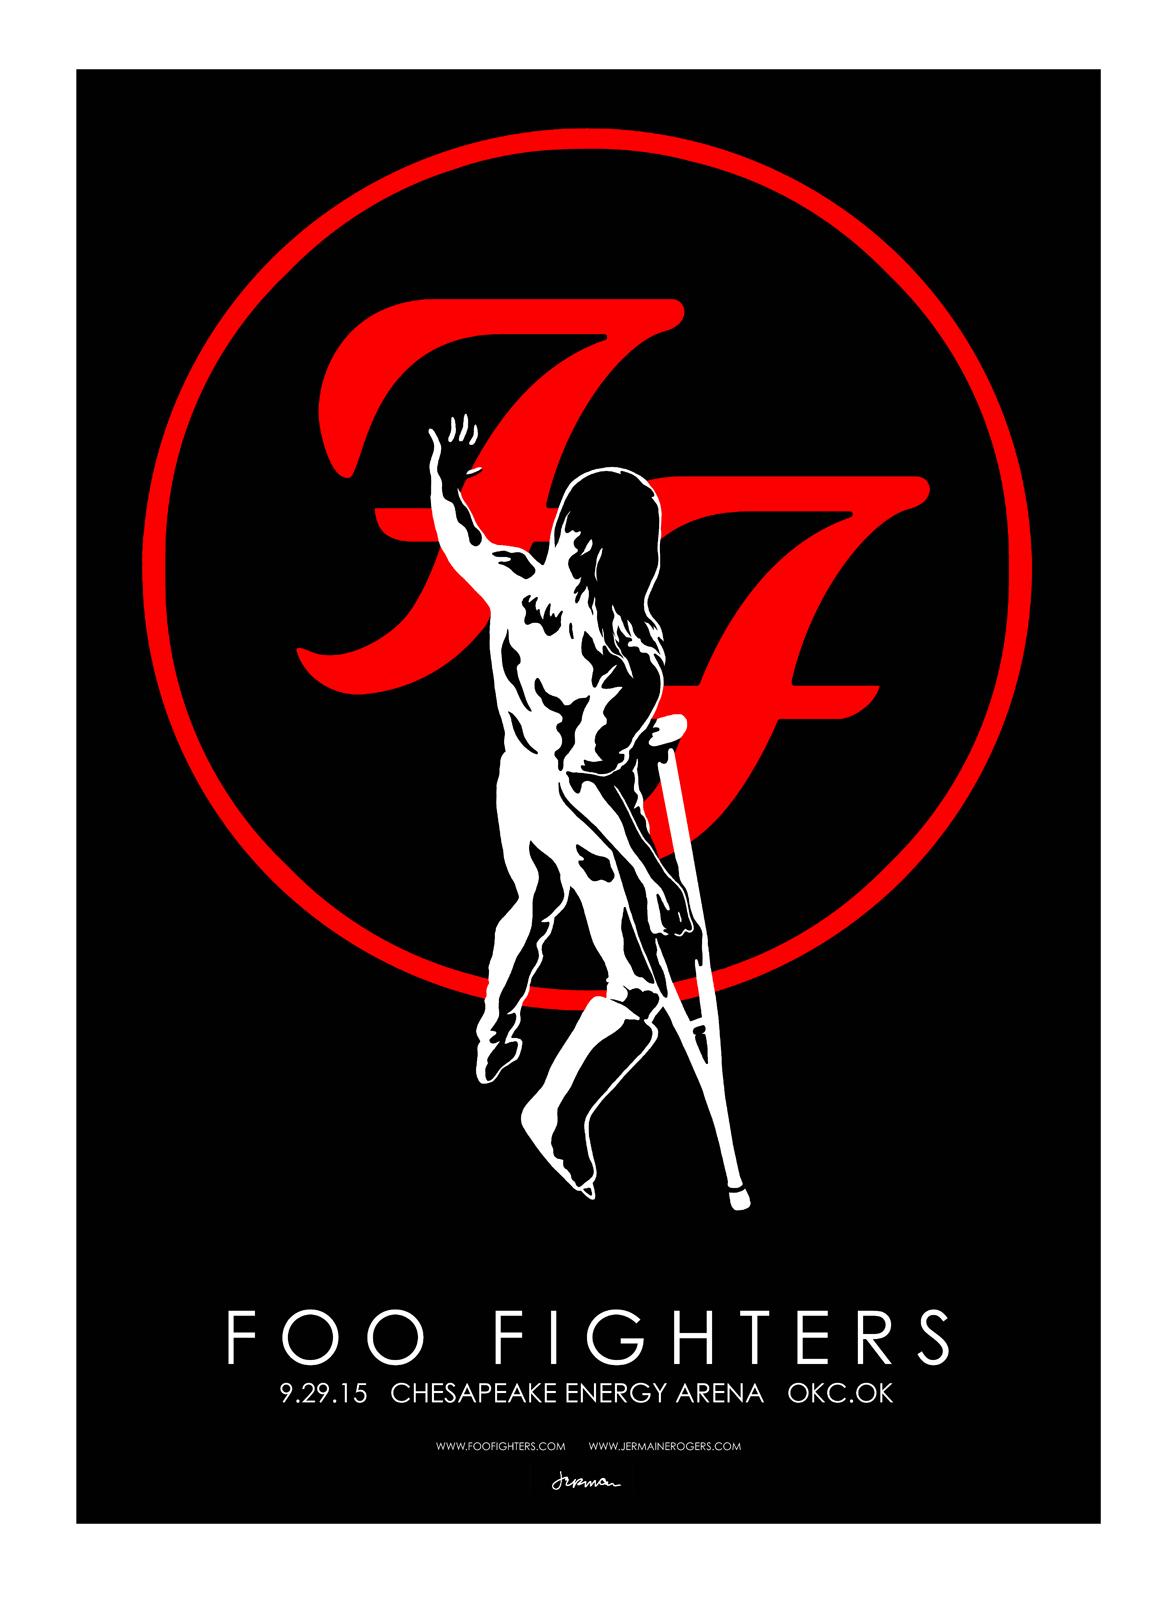 FOO FIGHTERS (OKC) (ALL VARIANTS)